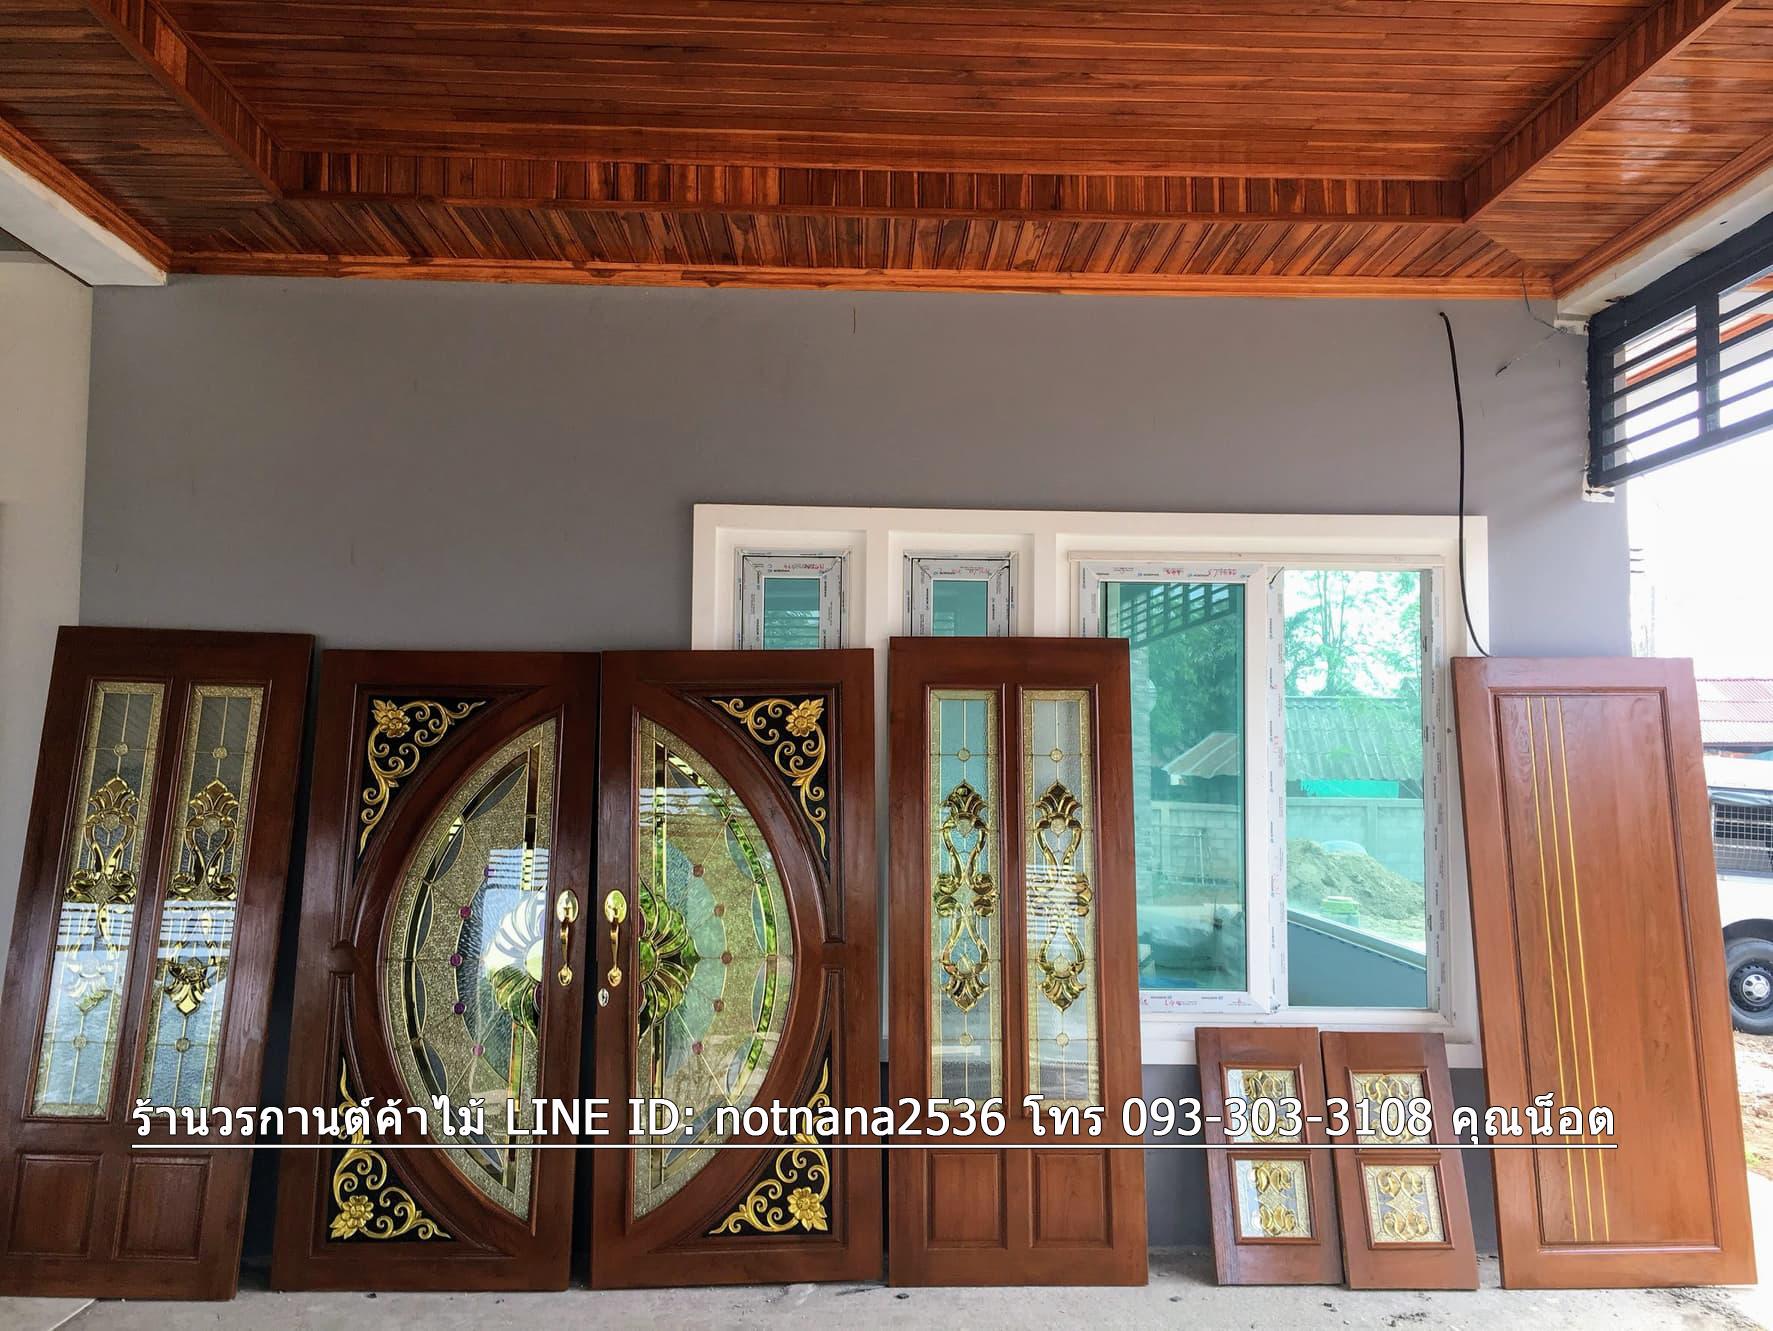 ประตูไม้สักกระจกนิรภัยแตงโมเต็มบาน ชุด7ชิ้น รหัส AAA92